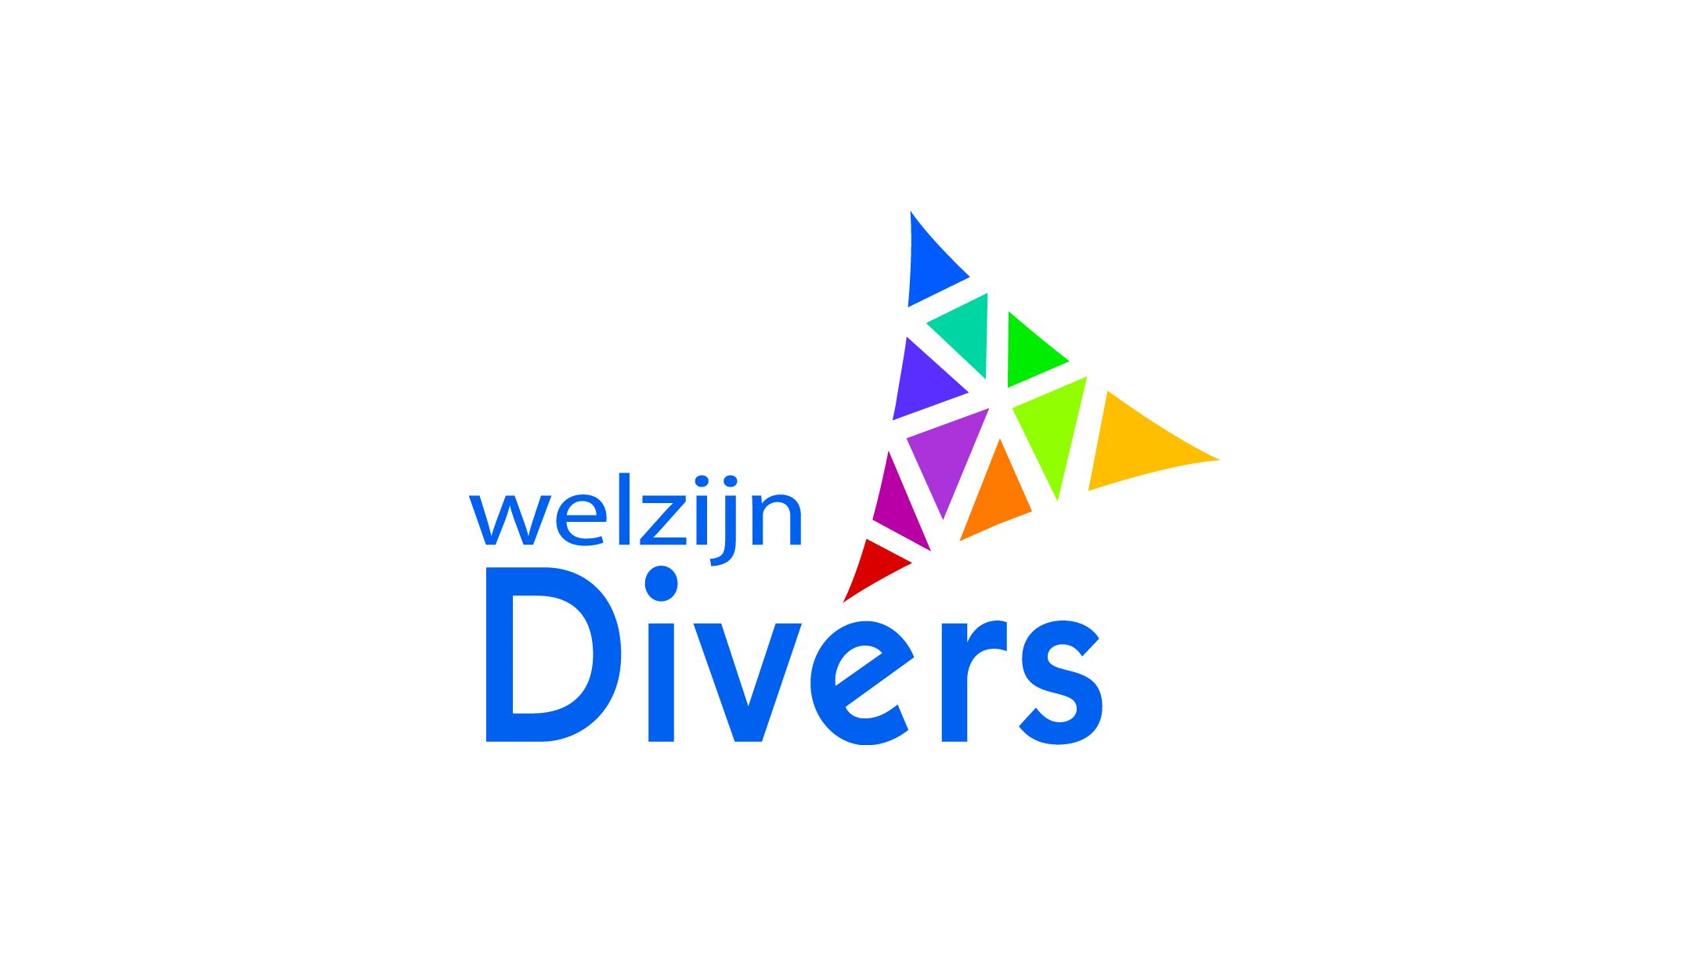 Welzijn Divers